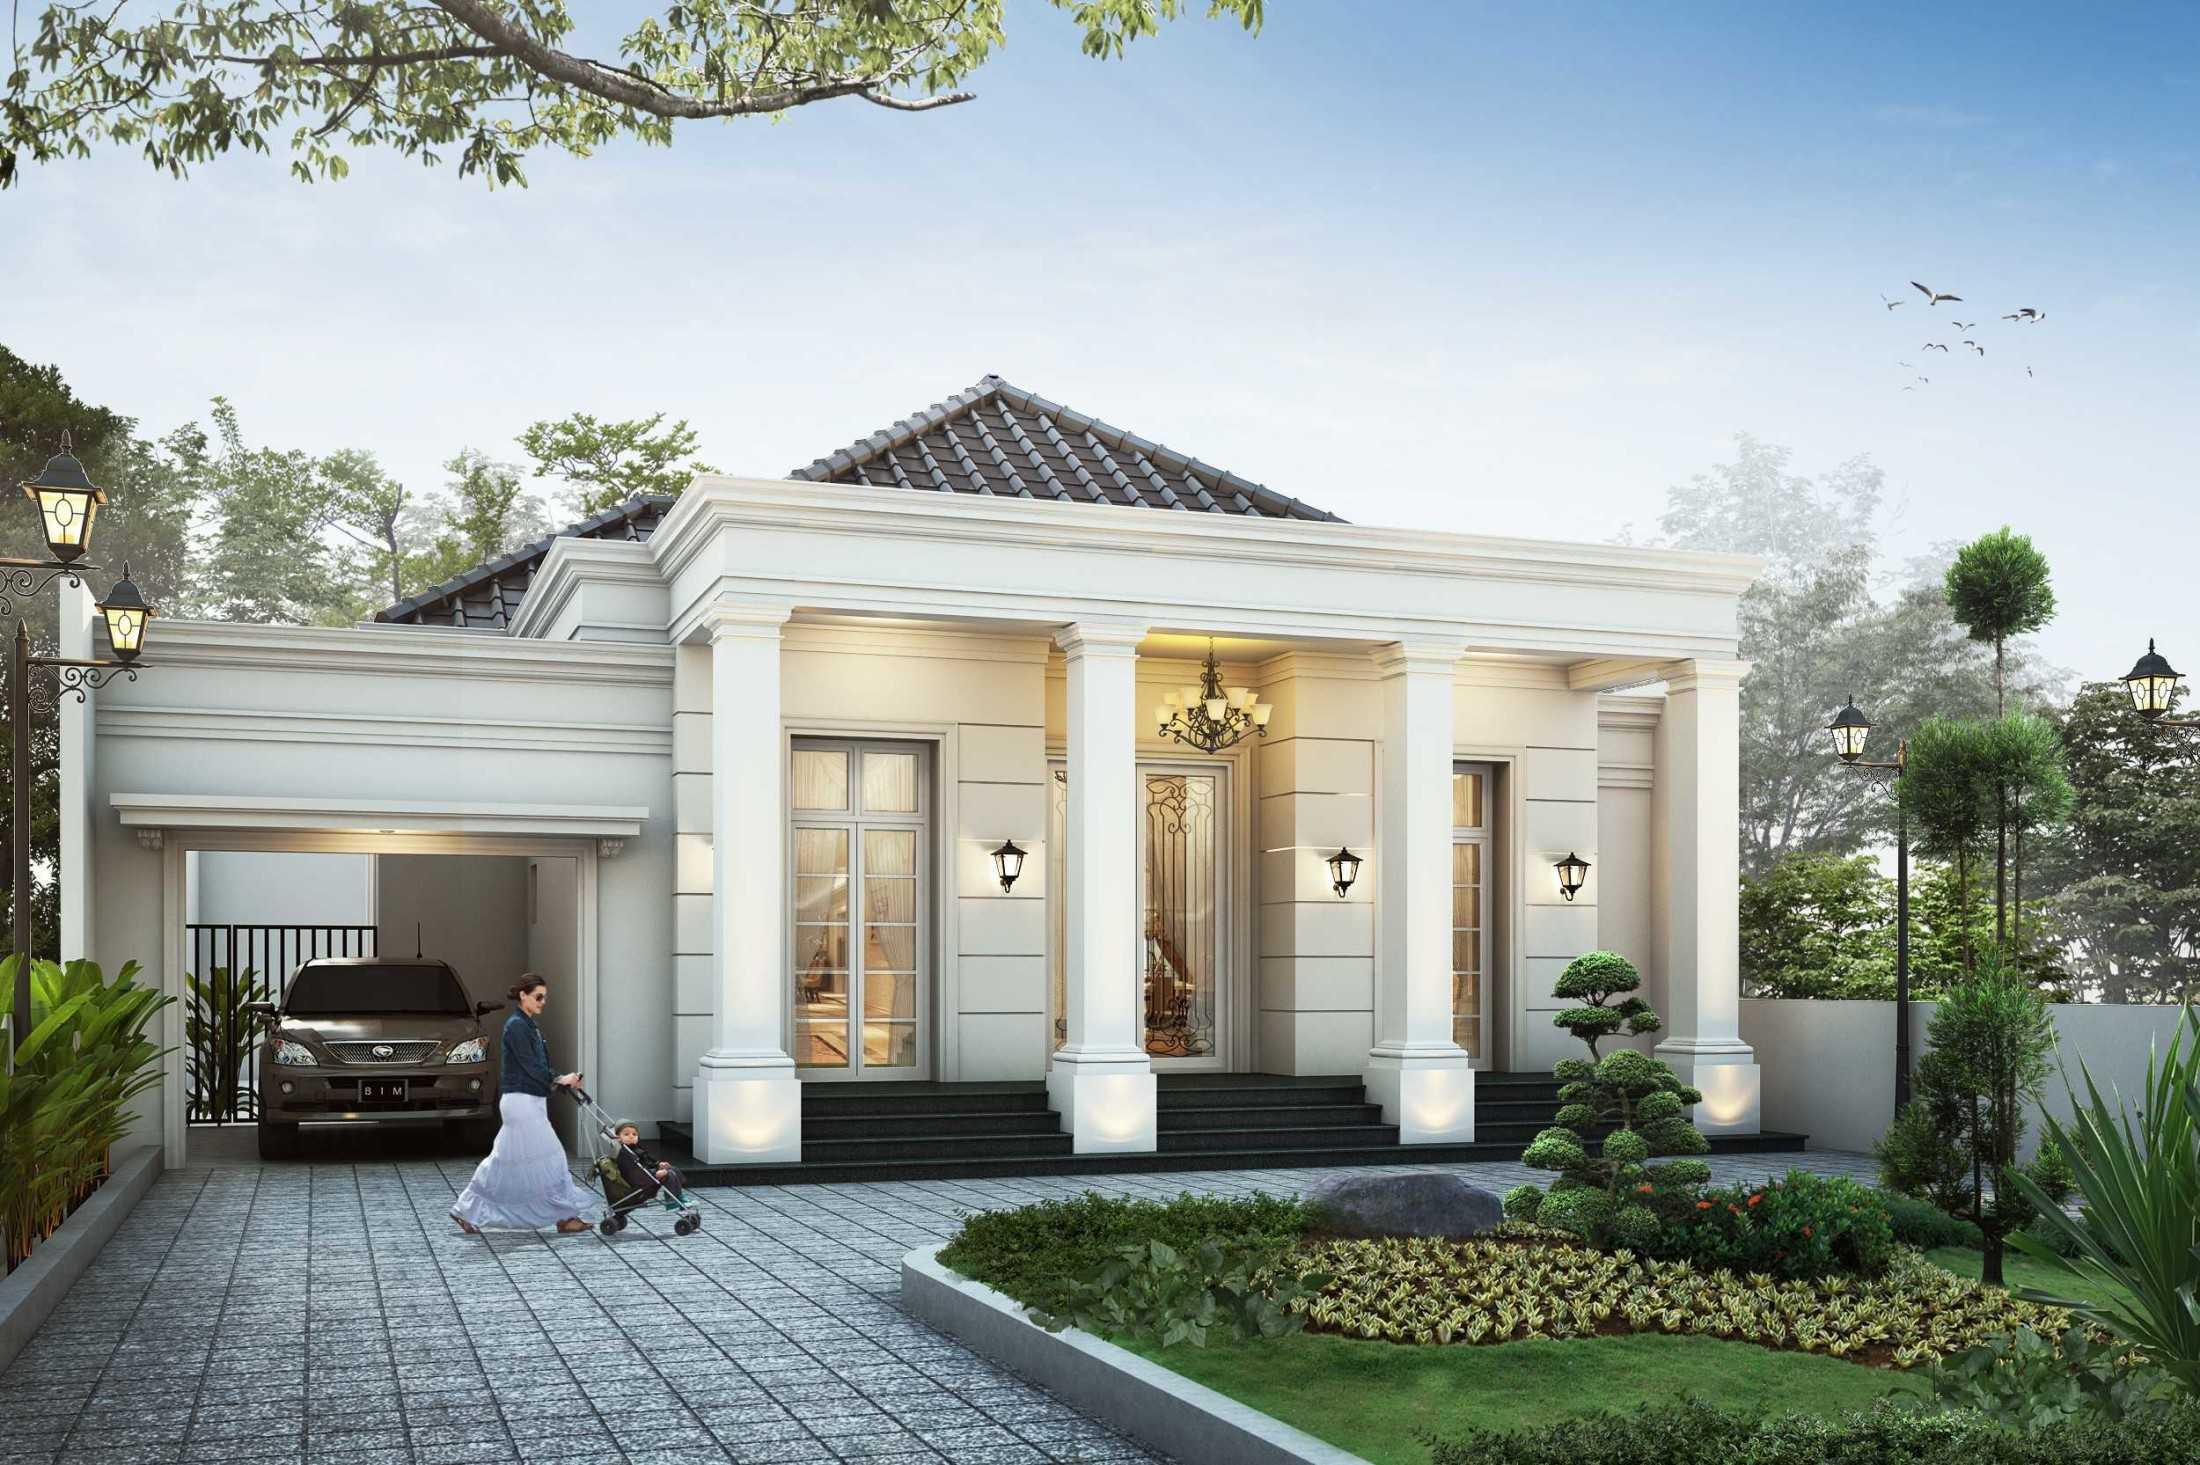 Project Rumah Klasik Modern 1 Lantai Desain Arsitek Oleh ARYAdesain - ARSITAG